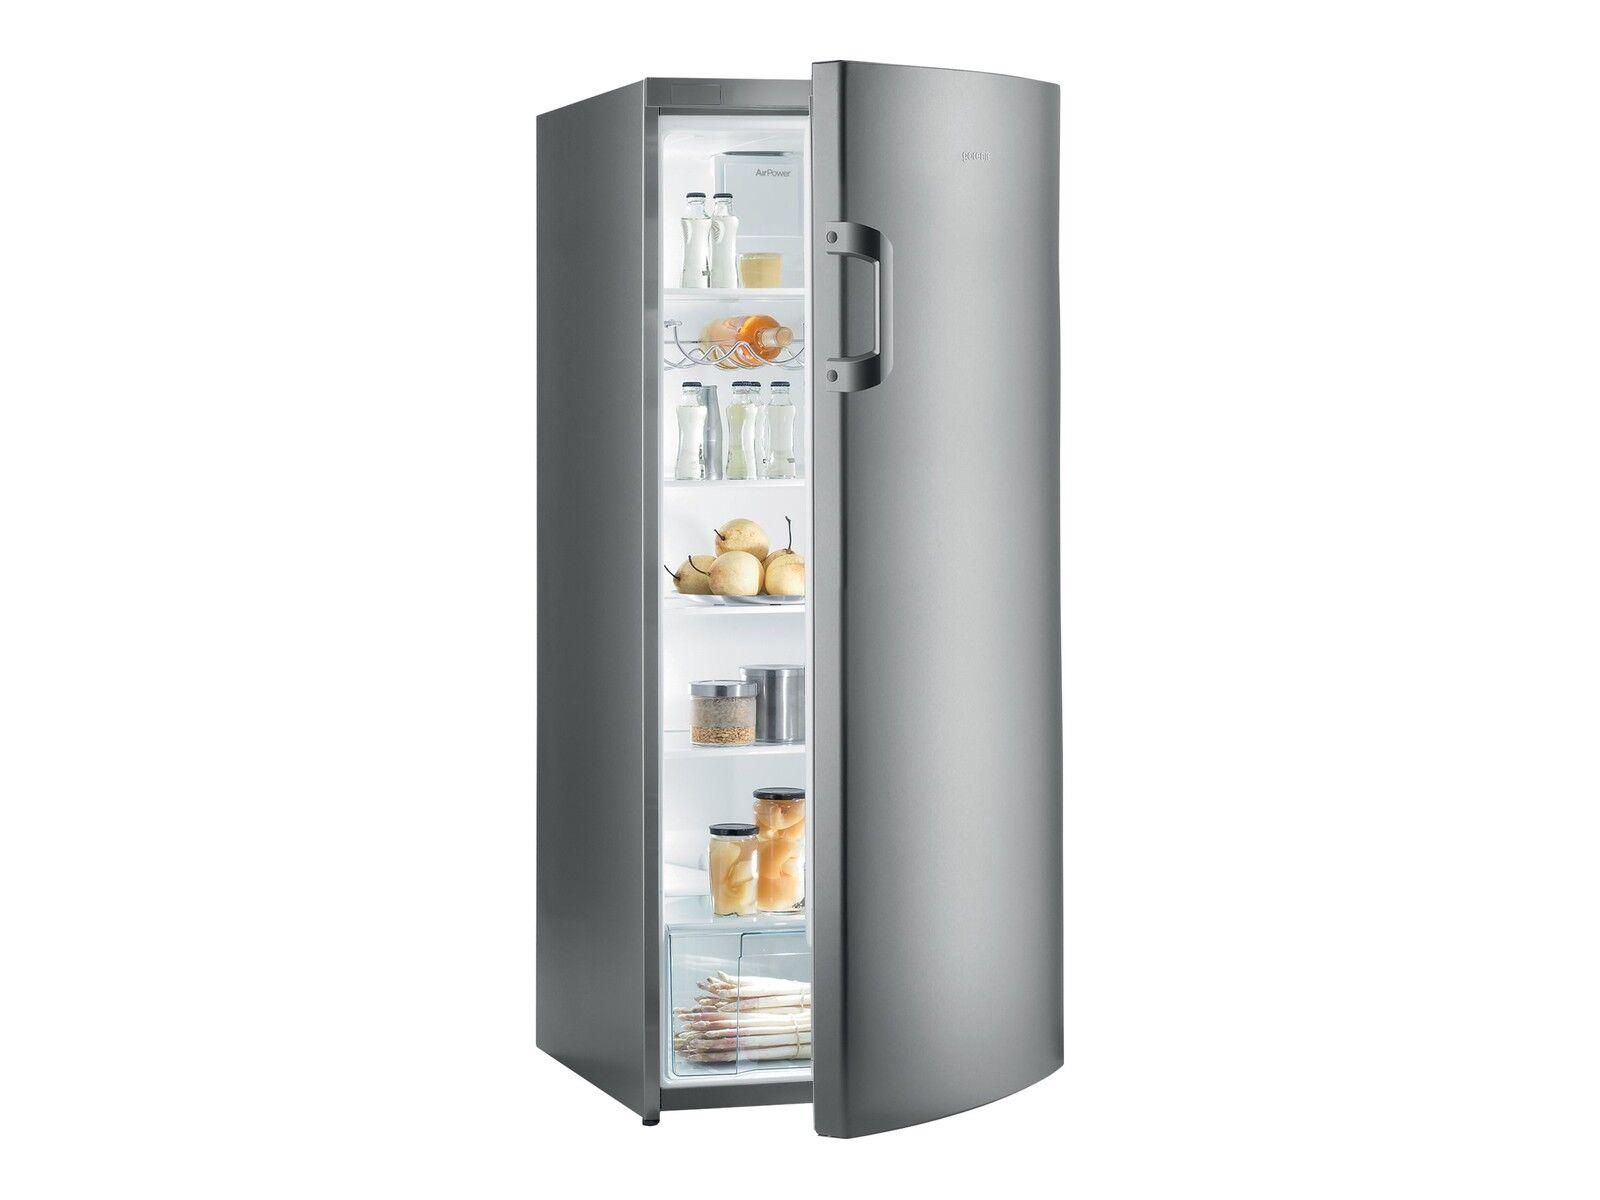 Gorenje Kühlschrank Silber : Gorenje r bx kühlschrank edelstahl günstig kaufen ebay